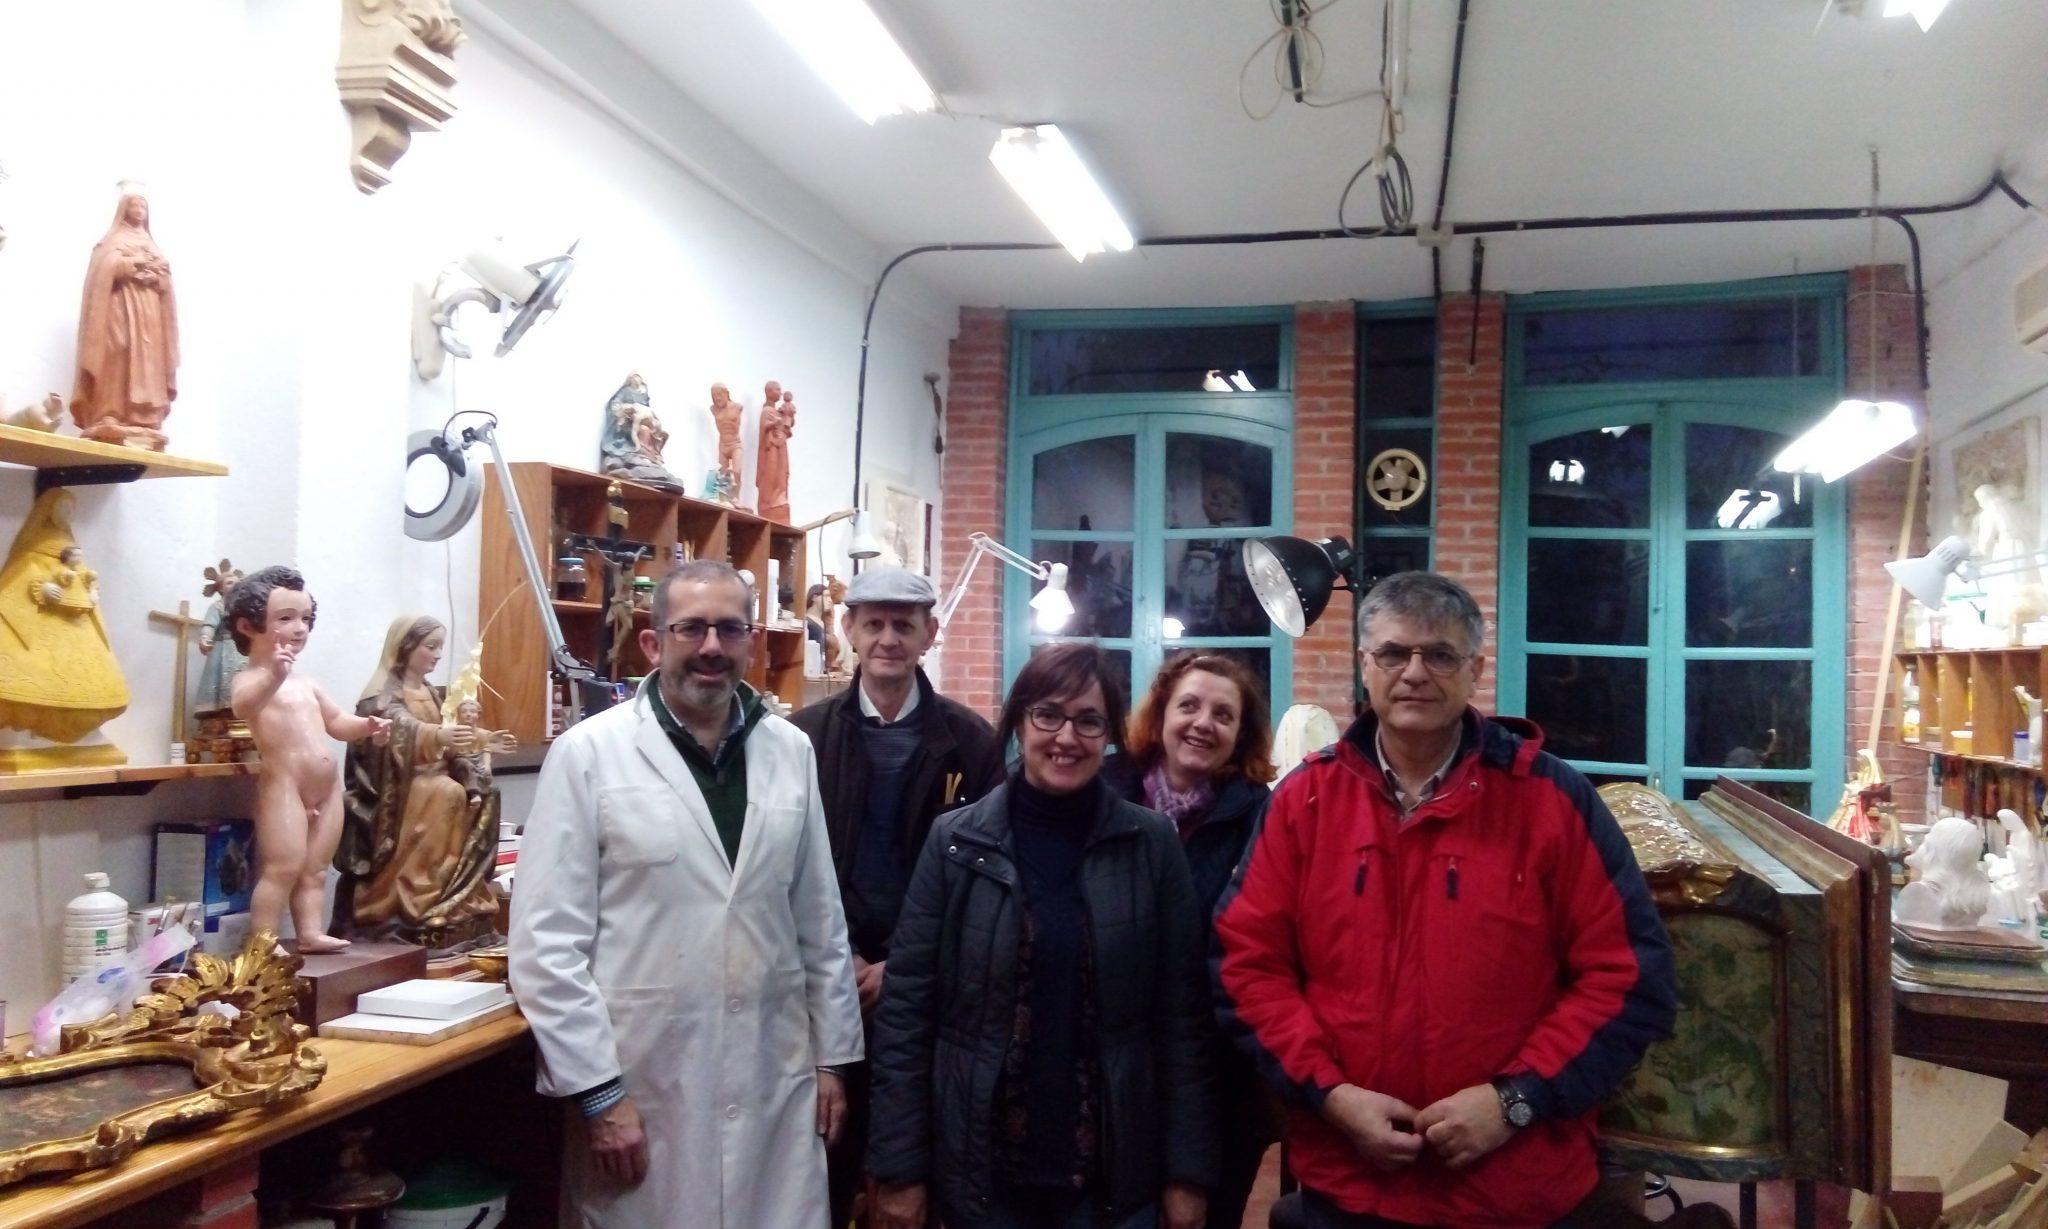 Experiencia Cultural La Tradición Artística del Taller Sevillano. José Manuel Cosano